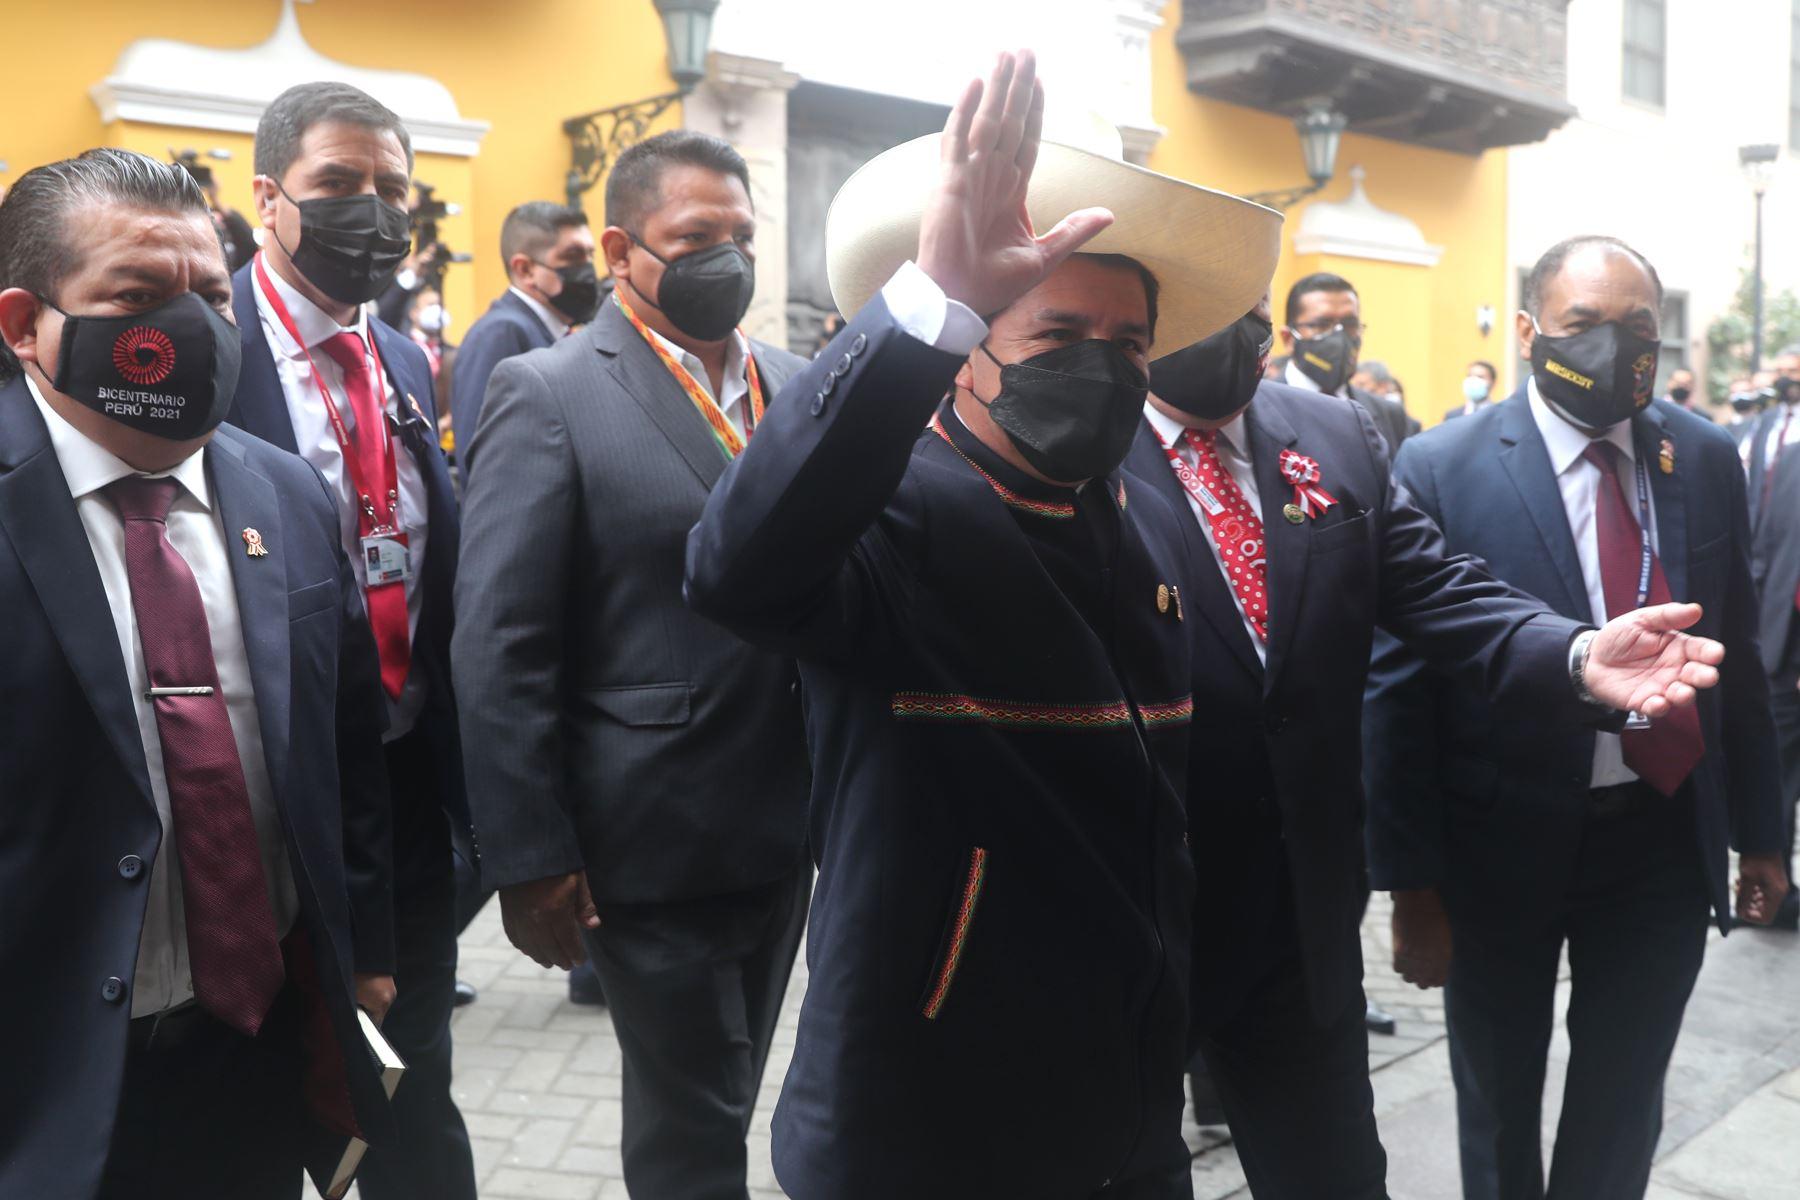 El presidente electo, Pedro Castillo Terrones, ya se encuentra en la sede de la Cancillería peruana, para participar en los actos oficiales de la Transmisión del Mando Supremo. Foto: ANDINA/ Prensa Presidencia